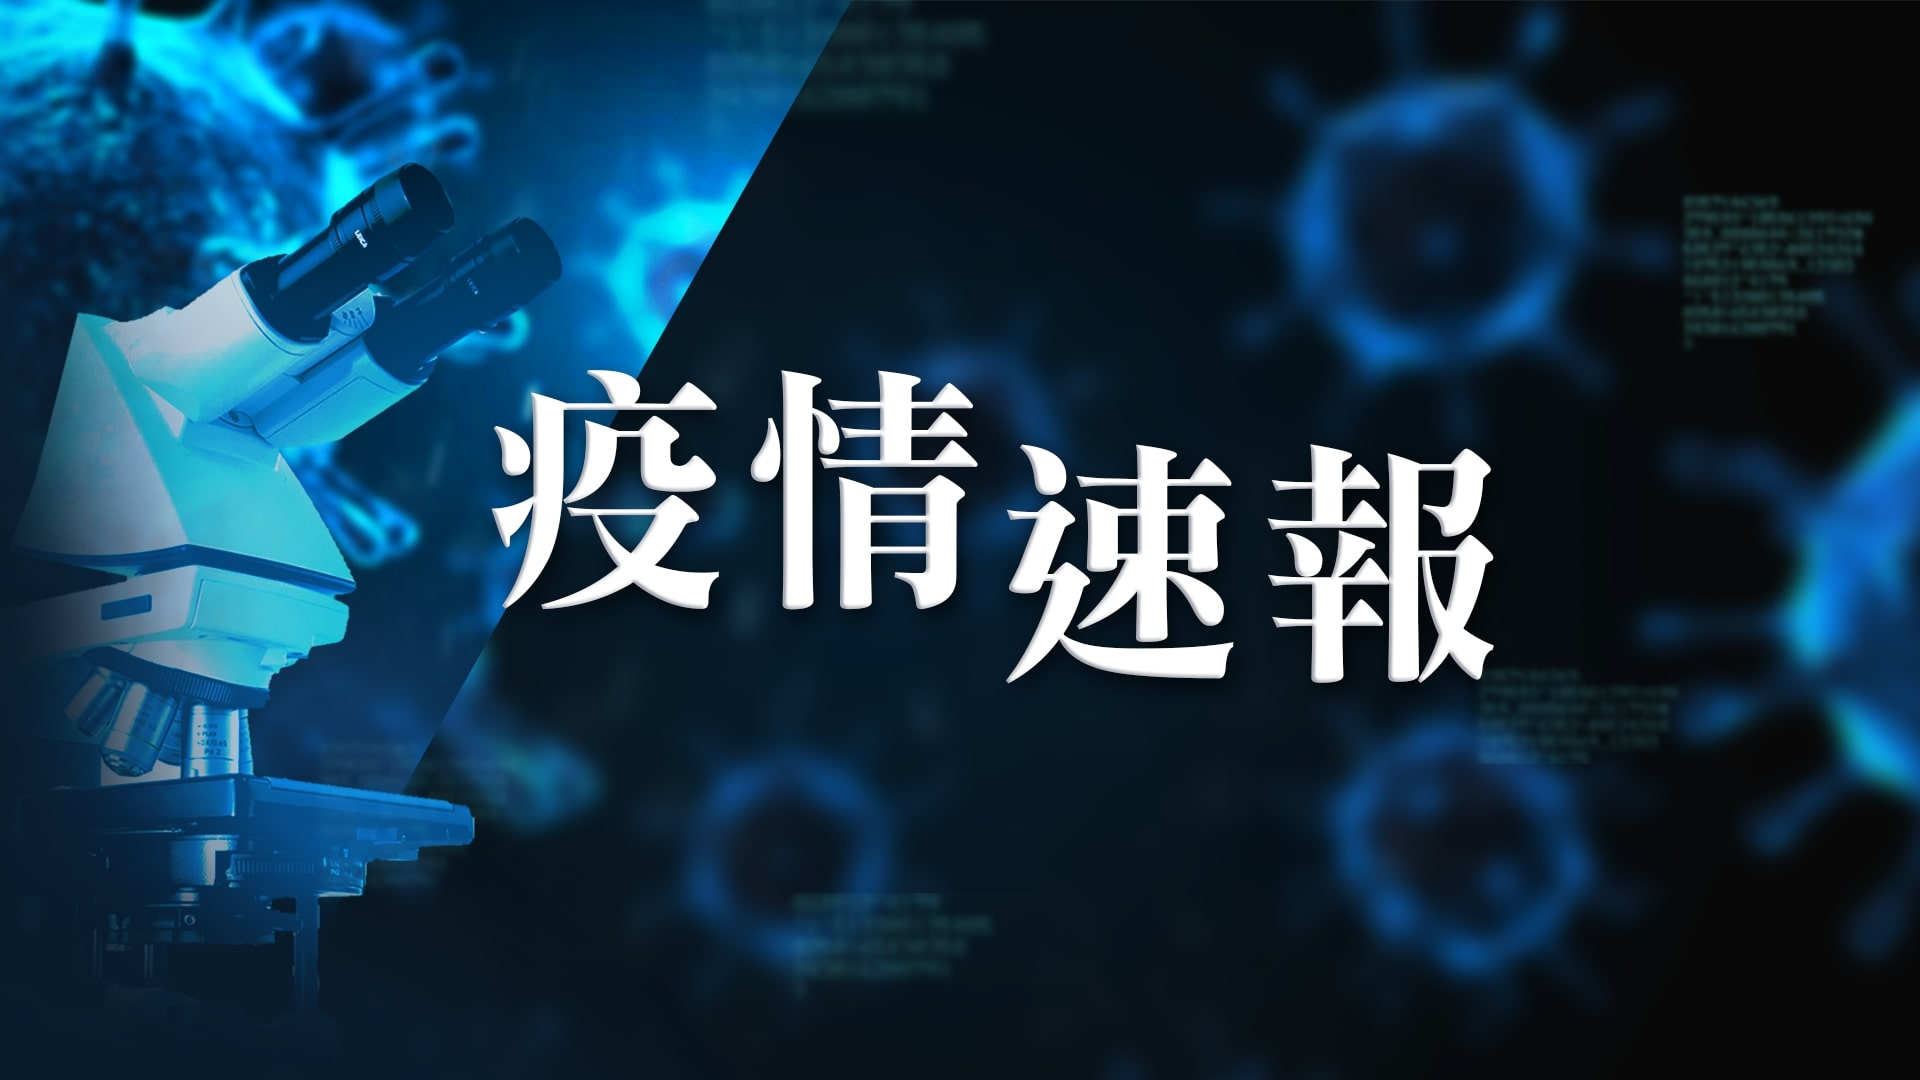 【11月23日疫情速報】(23:10)